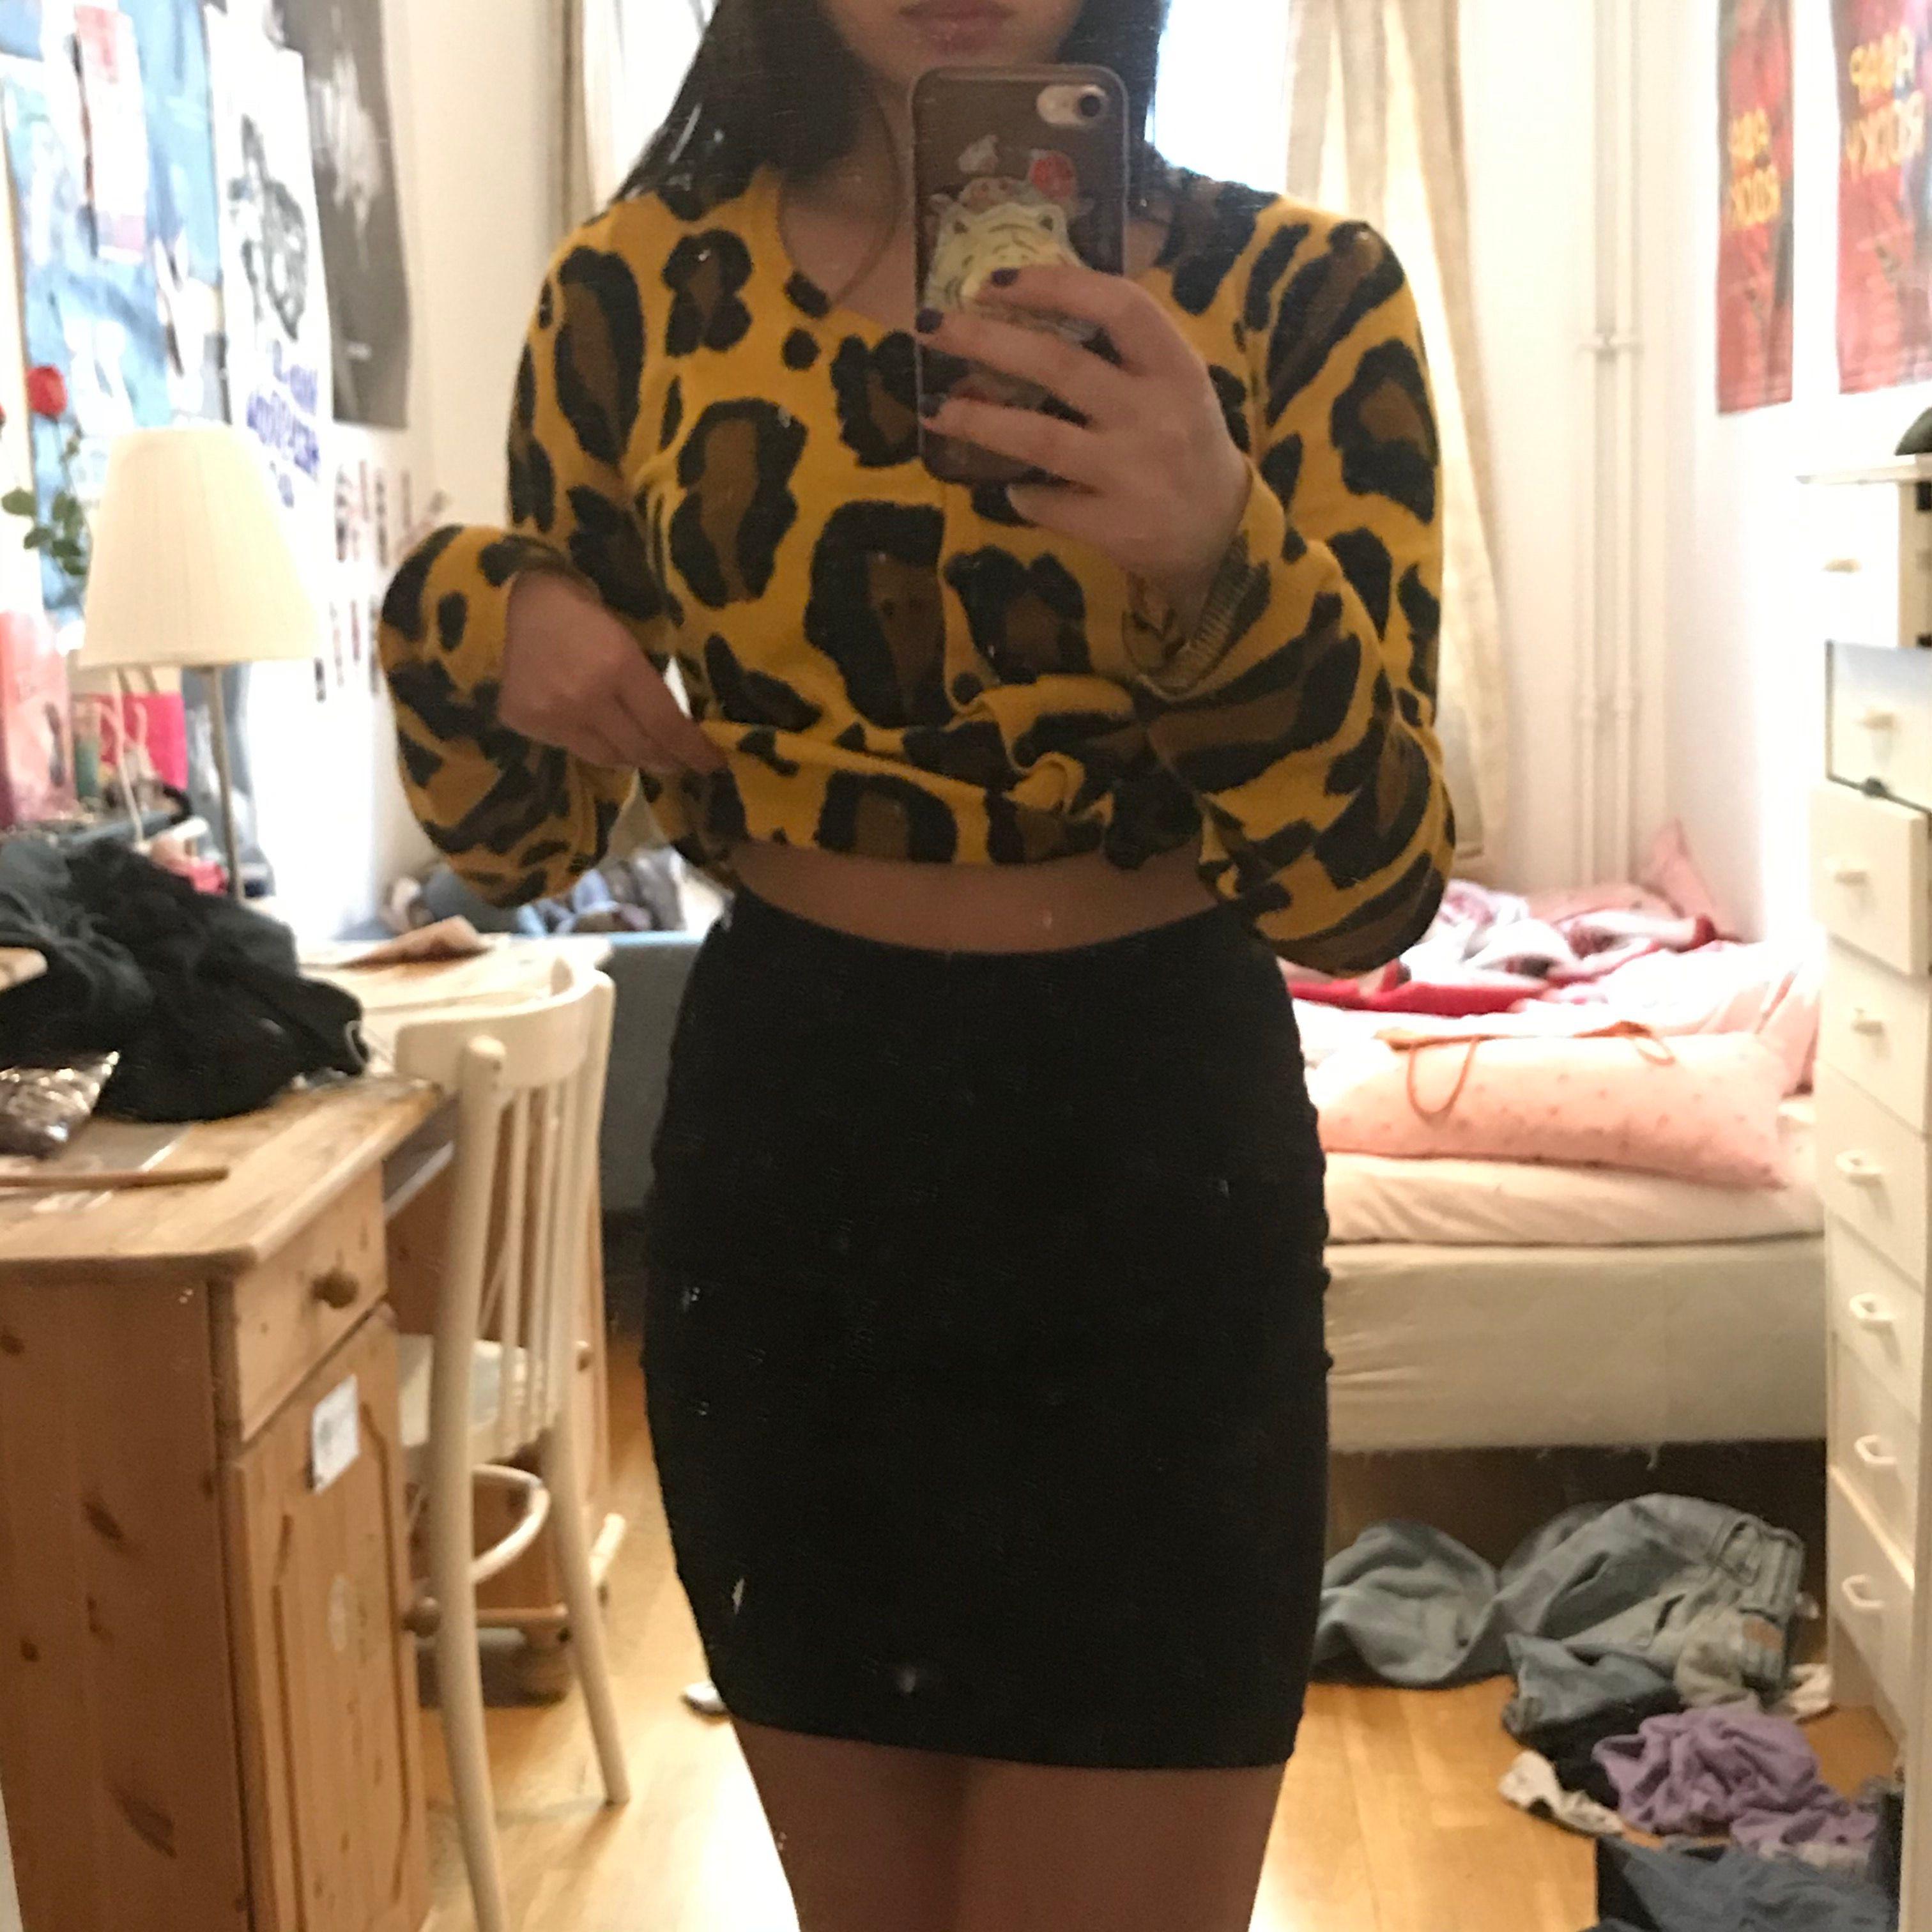 basic tight svart tyg kjol från hm🦋 inget fel på det jättebekväm. Kjolar.